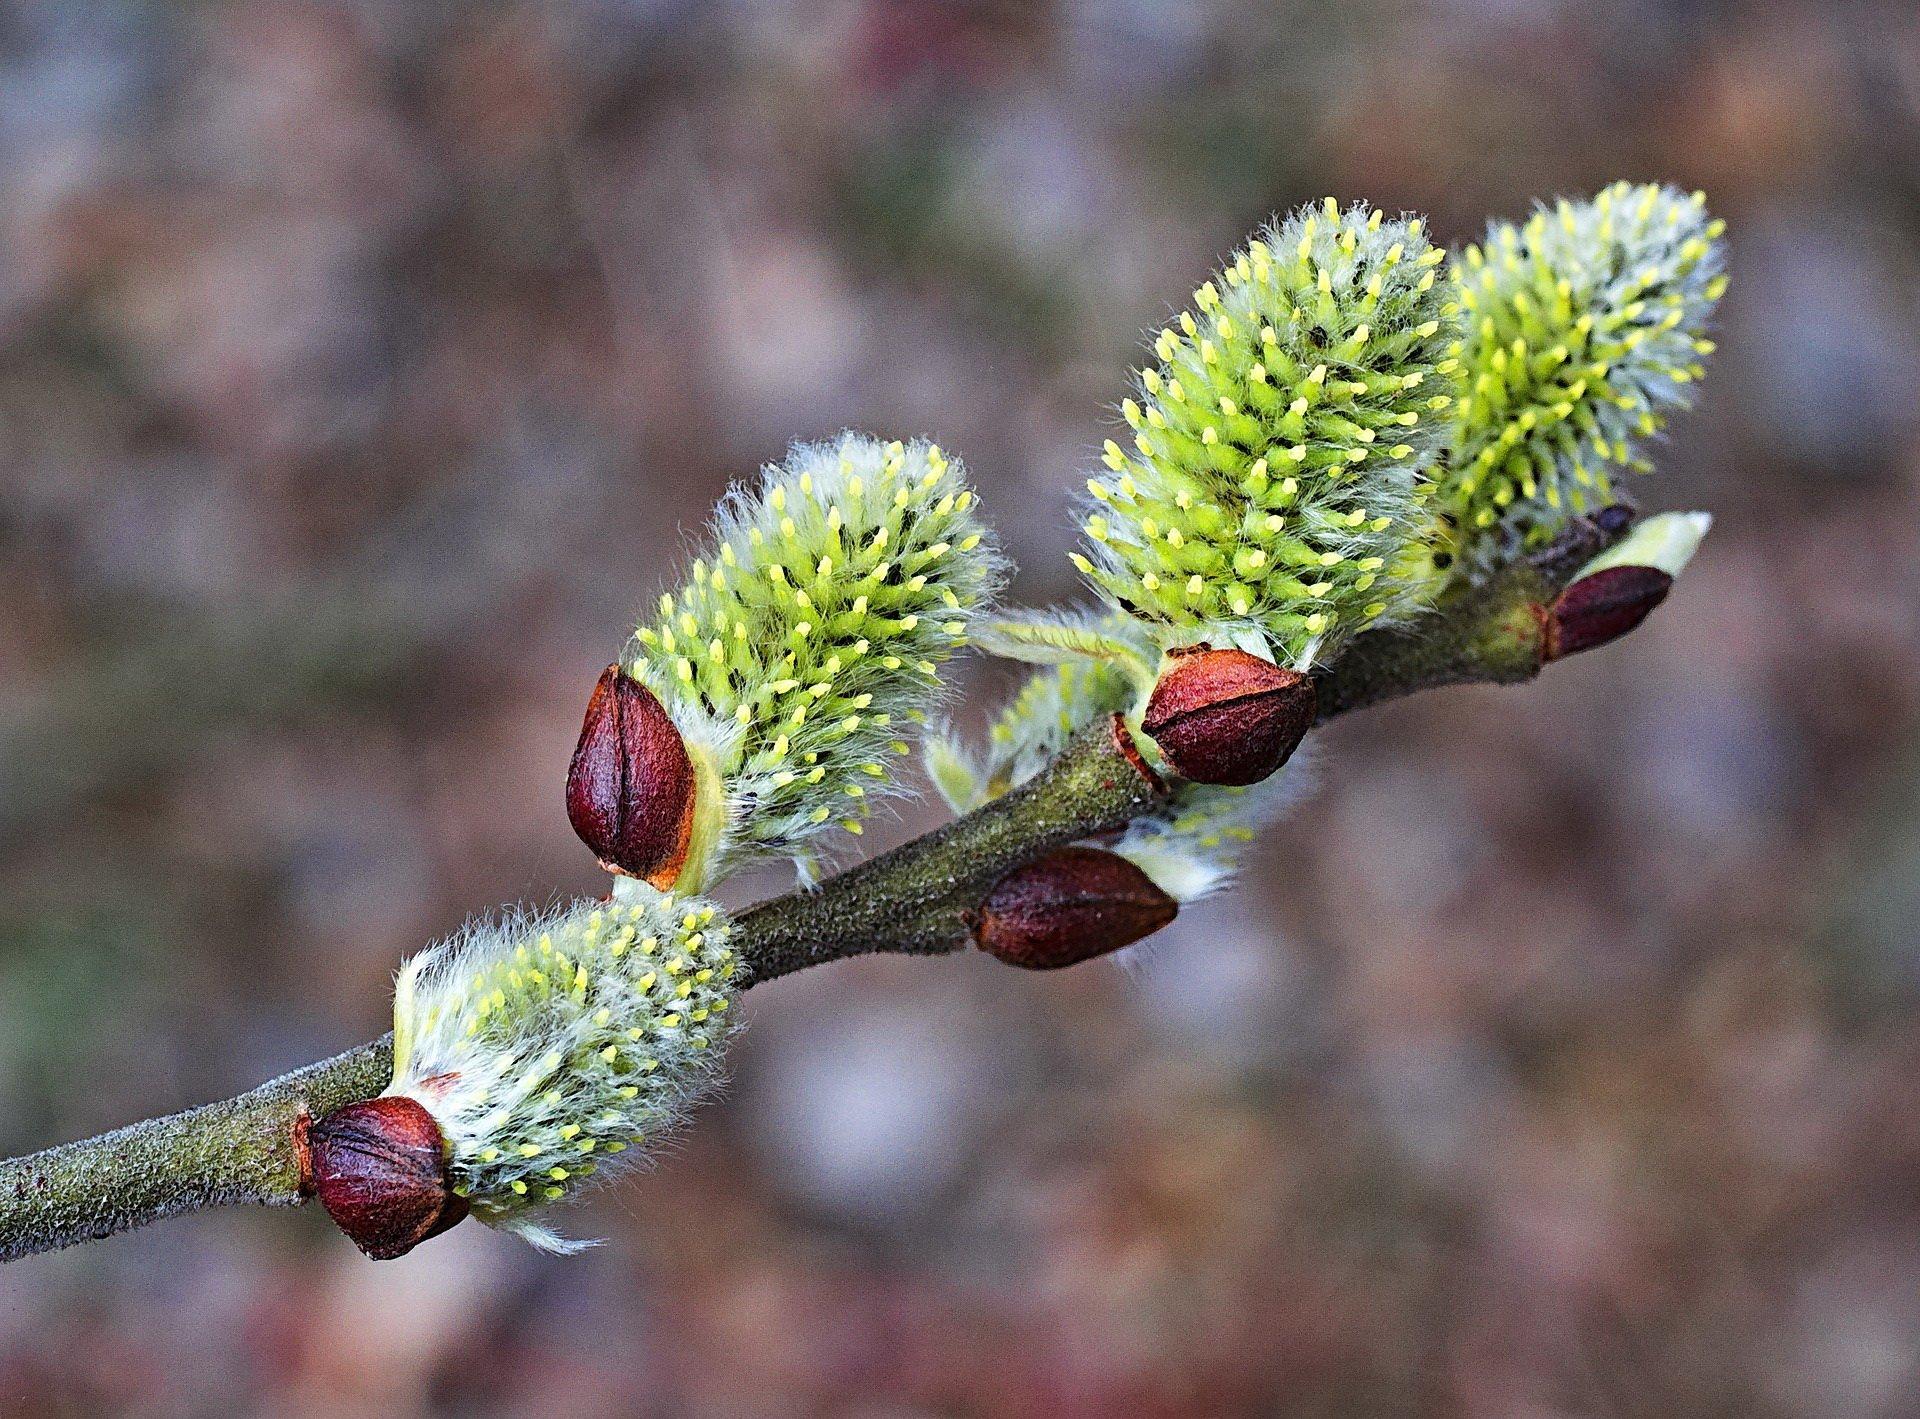 kotki marcowe wierszyk dla dzieci na powitanie wiosny